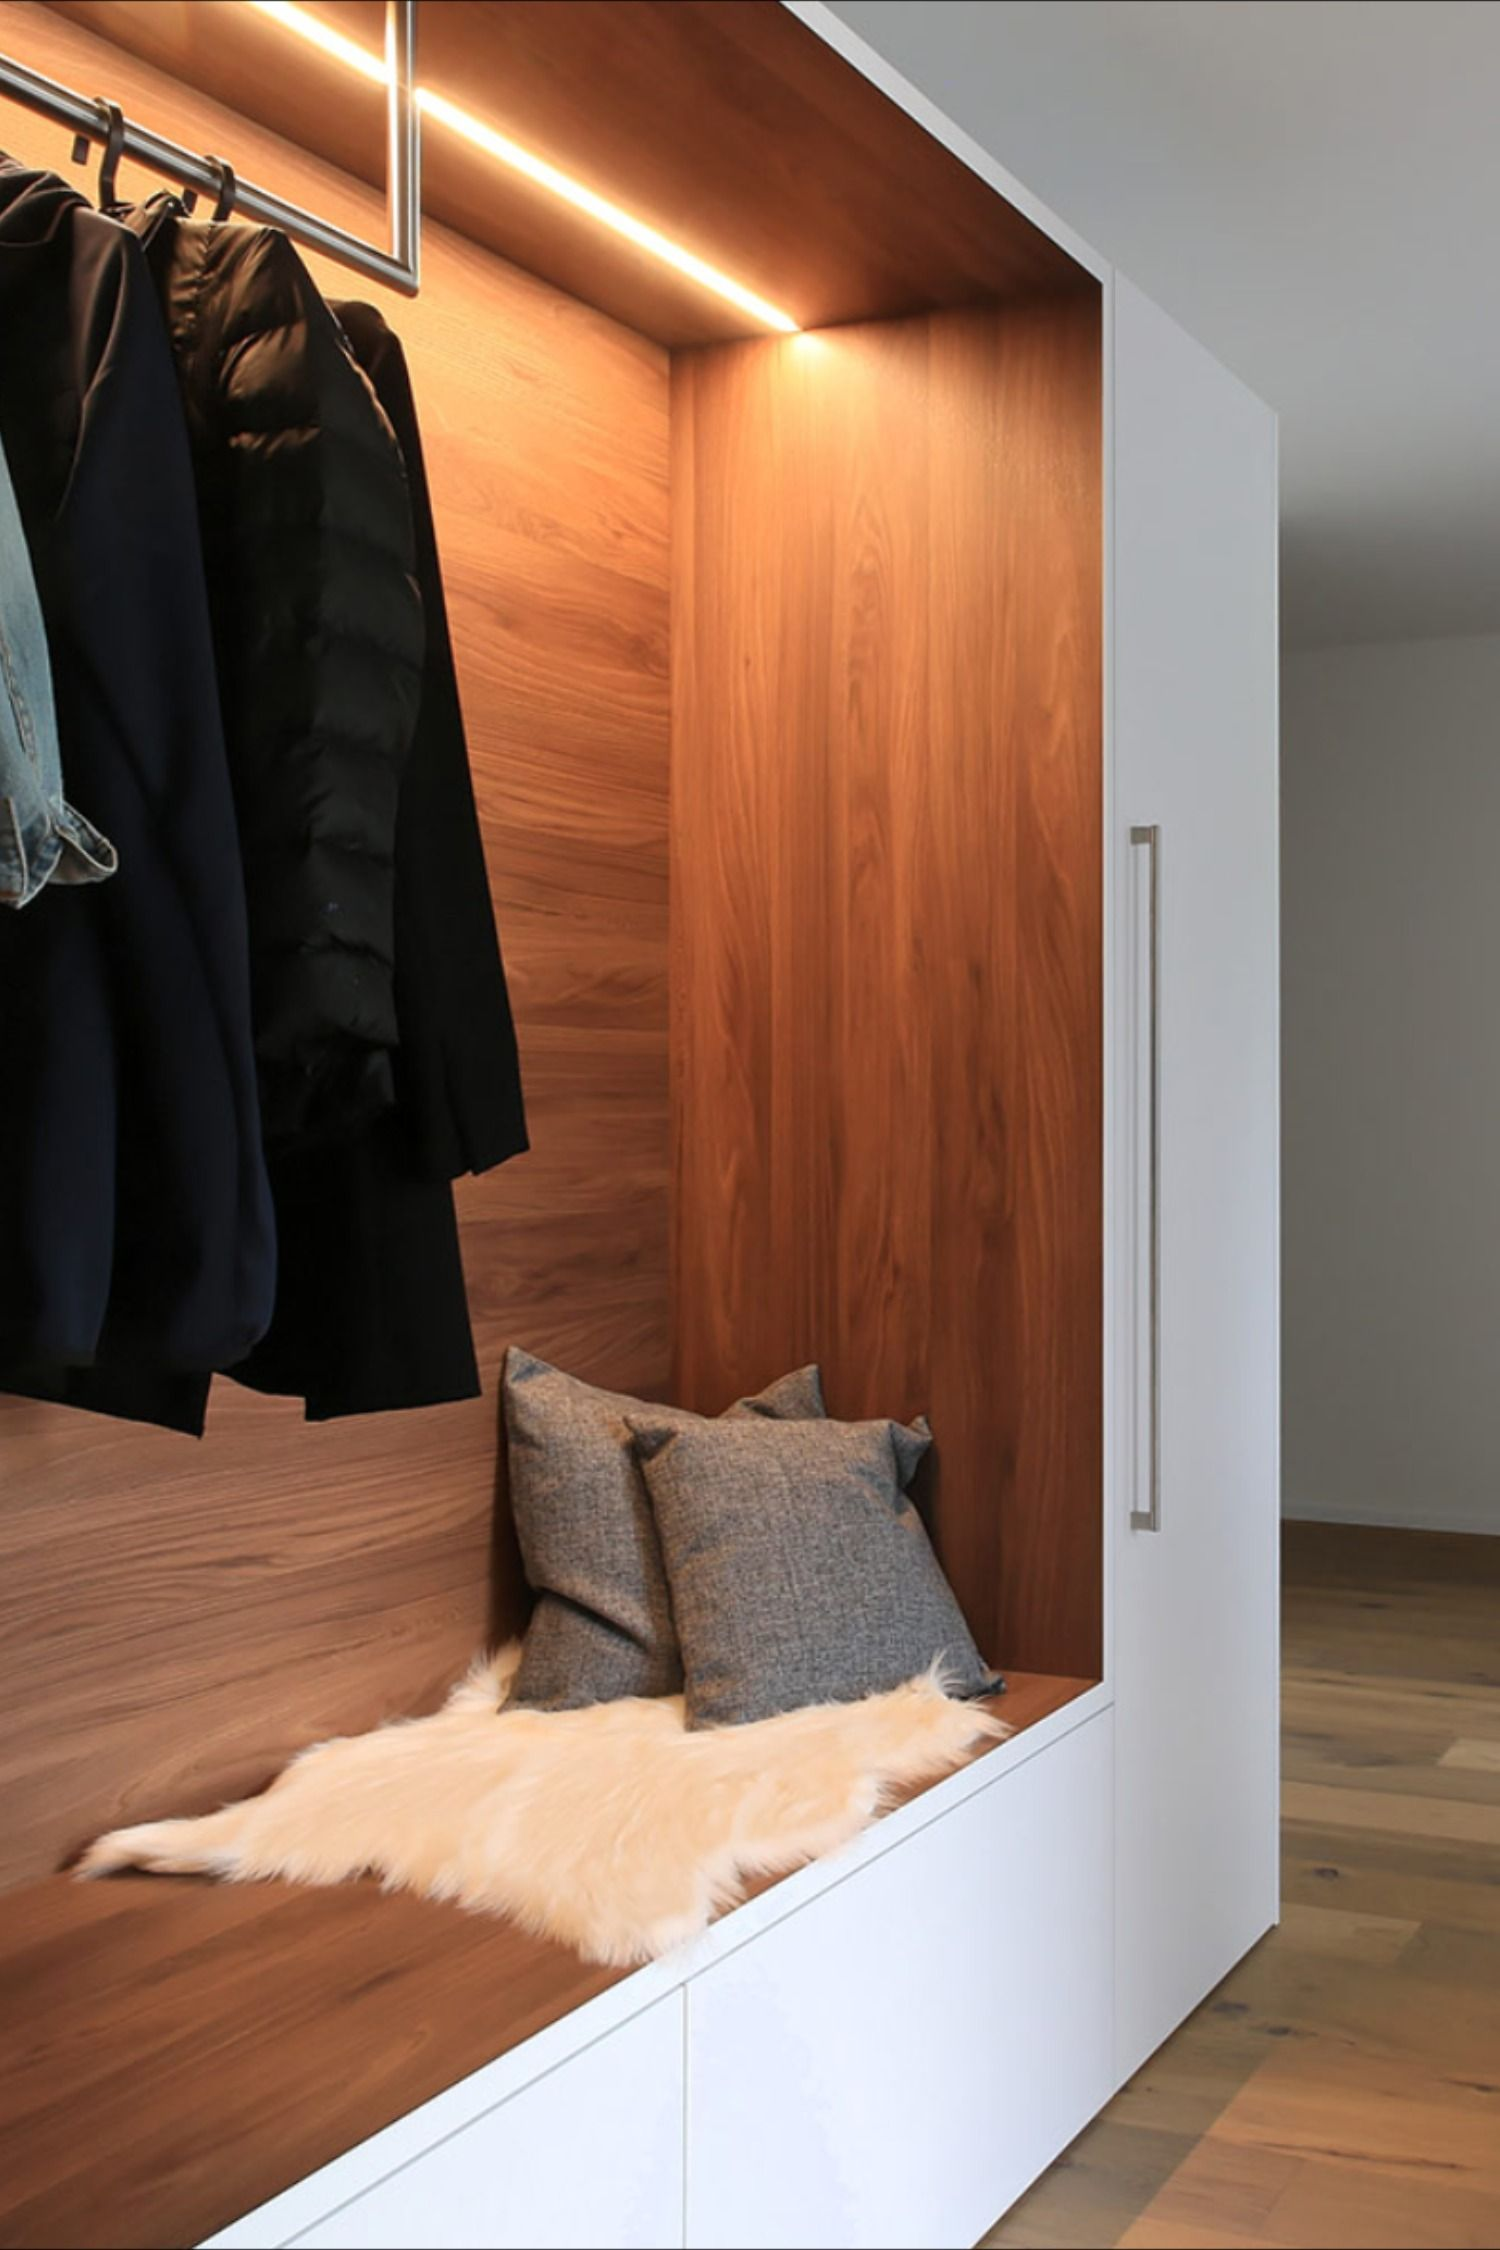 Garderobe Garderobe Mit Sitzbank Einbauschrank Design Garderoben Eingangsbereich